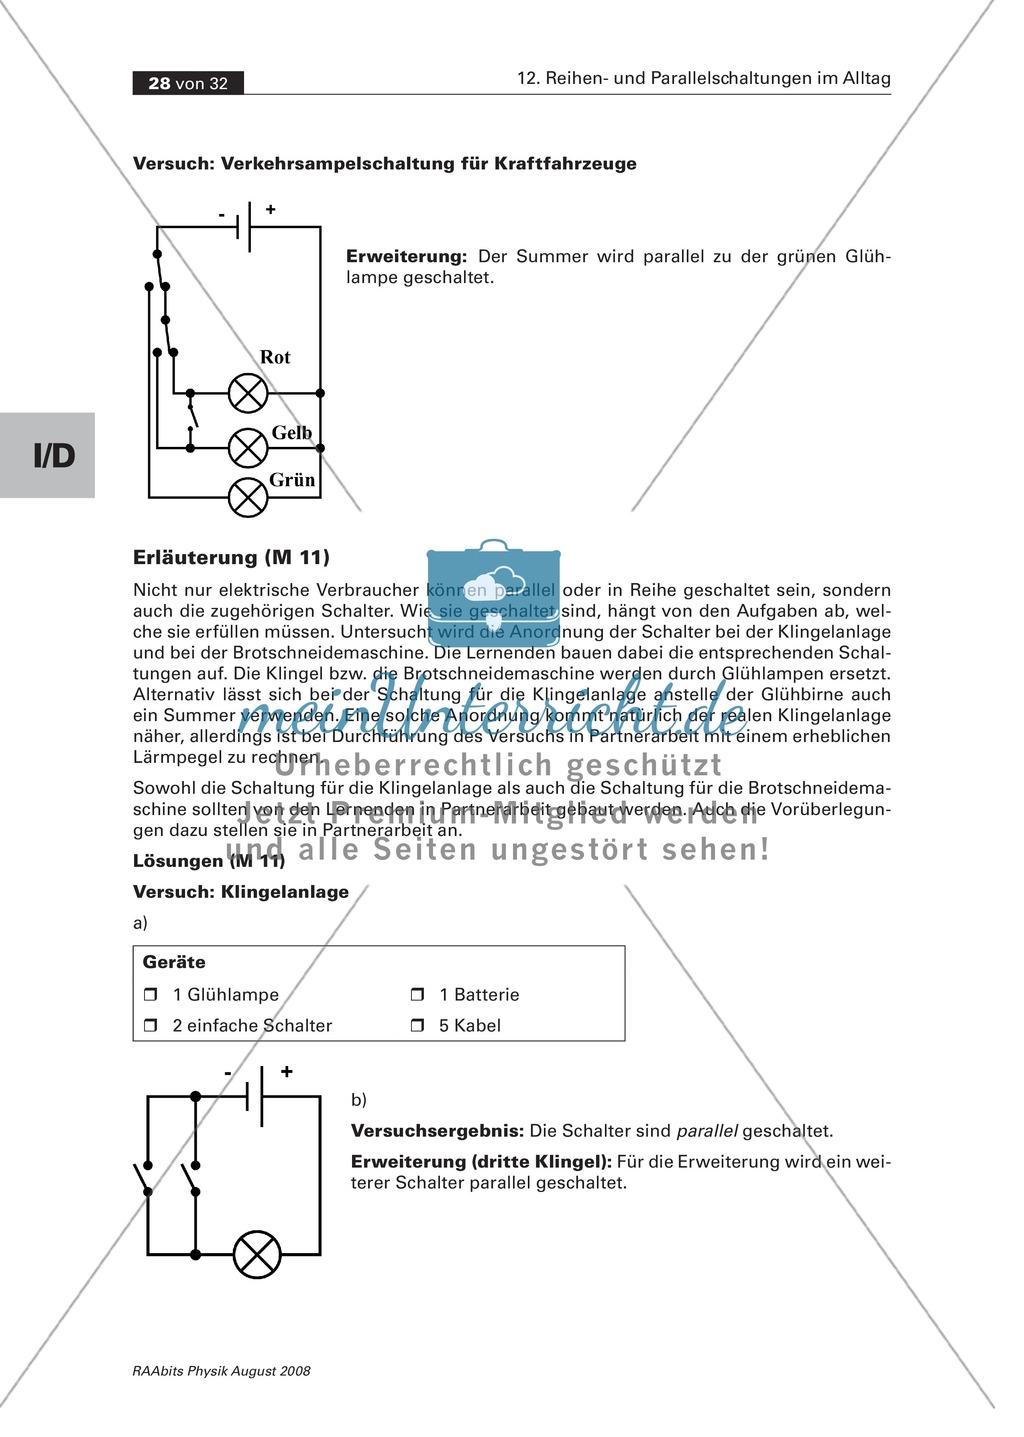 Reihen- und Parallelschaltungen: Beispiele aus dem Alltag wie z.B. ...